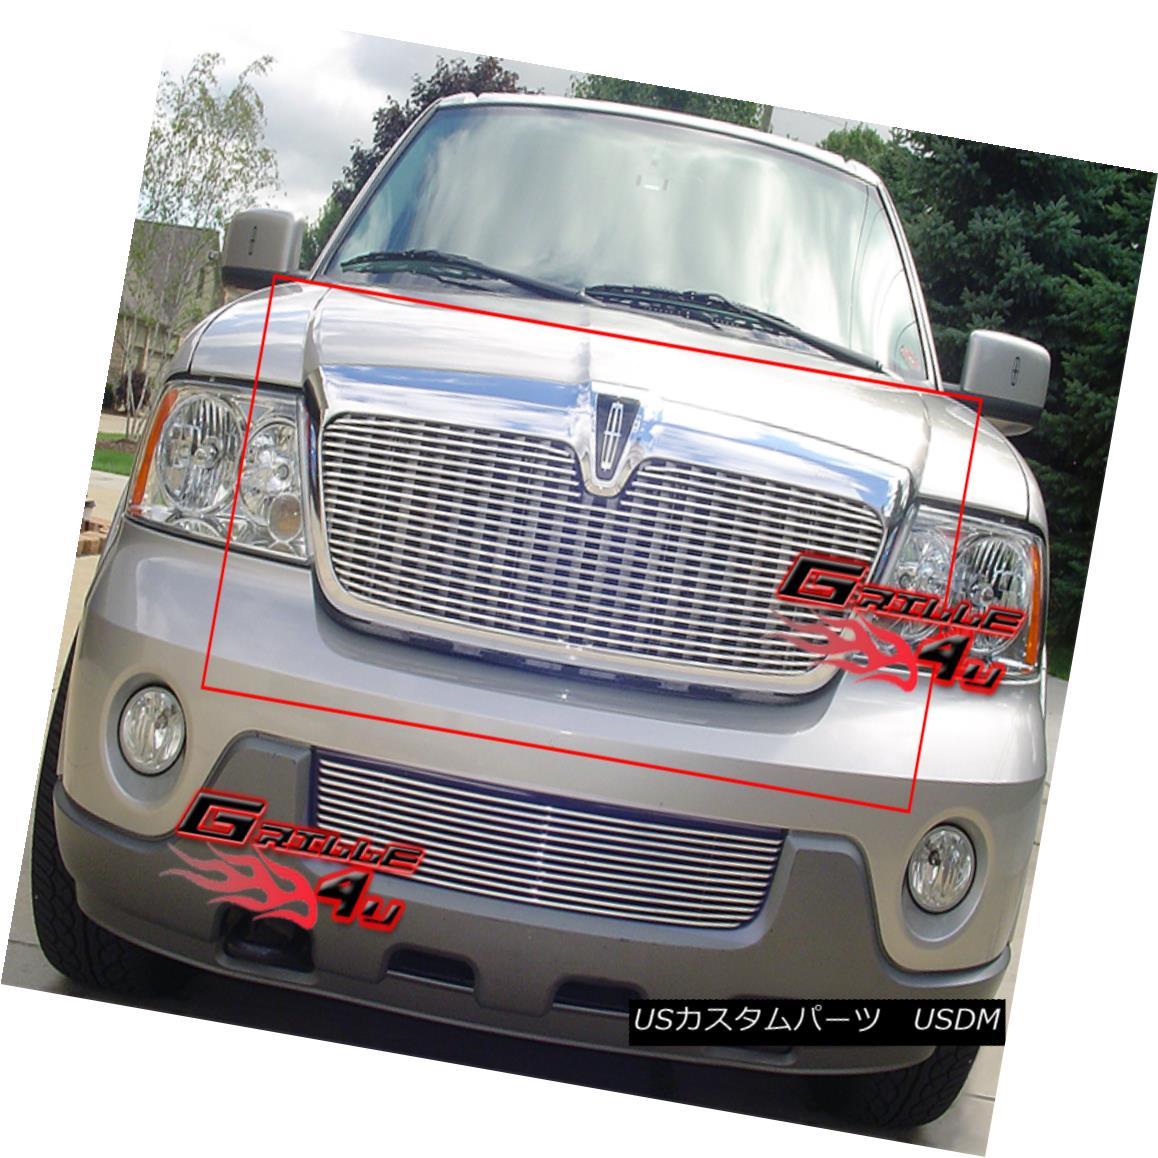 グリル Fits 2003-2006 Lincoln Navigator Billet Grille Insert フィット2003-2006リンカーンナビゲータービレットグリルインサート